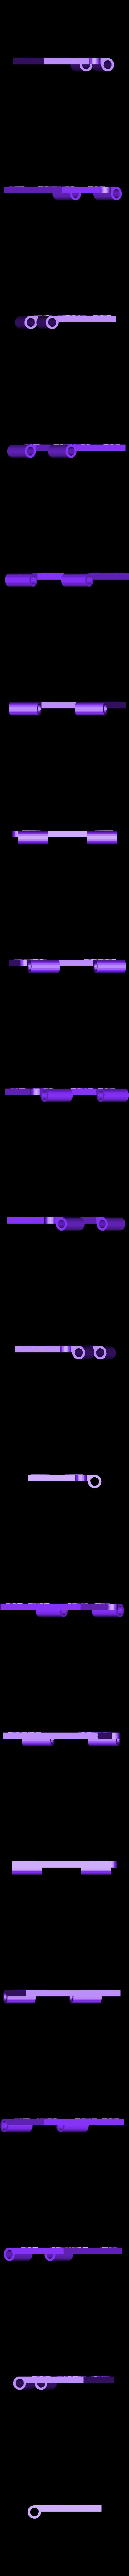 left.stl Download free STL file Memory book - lithophane • Design to 3D print, mrbarki7